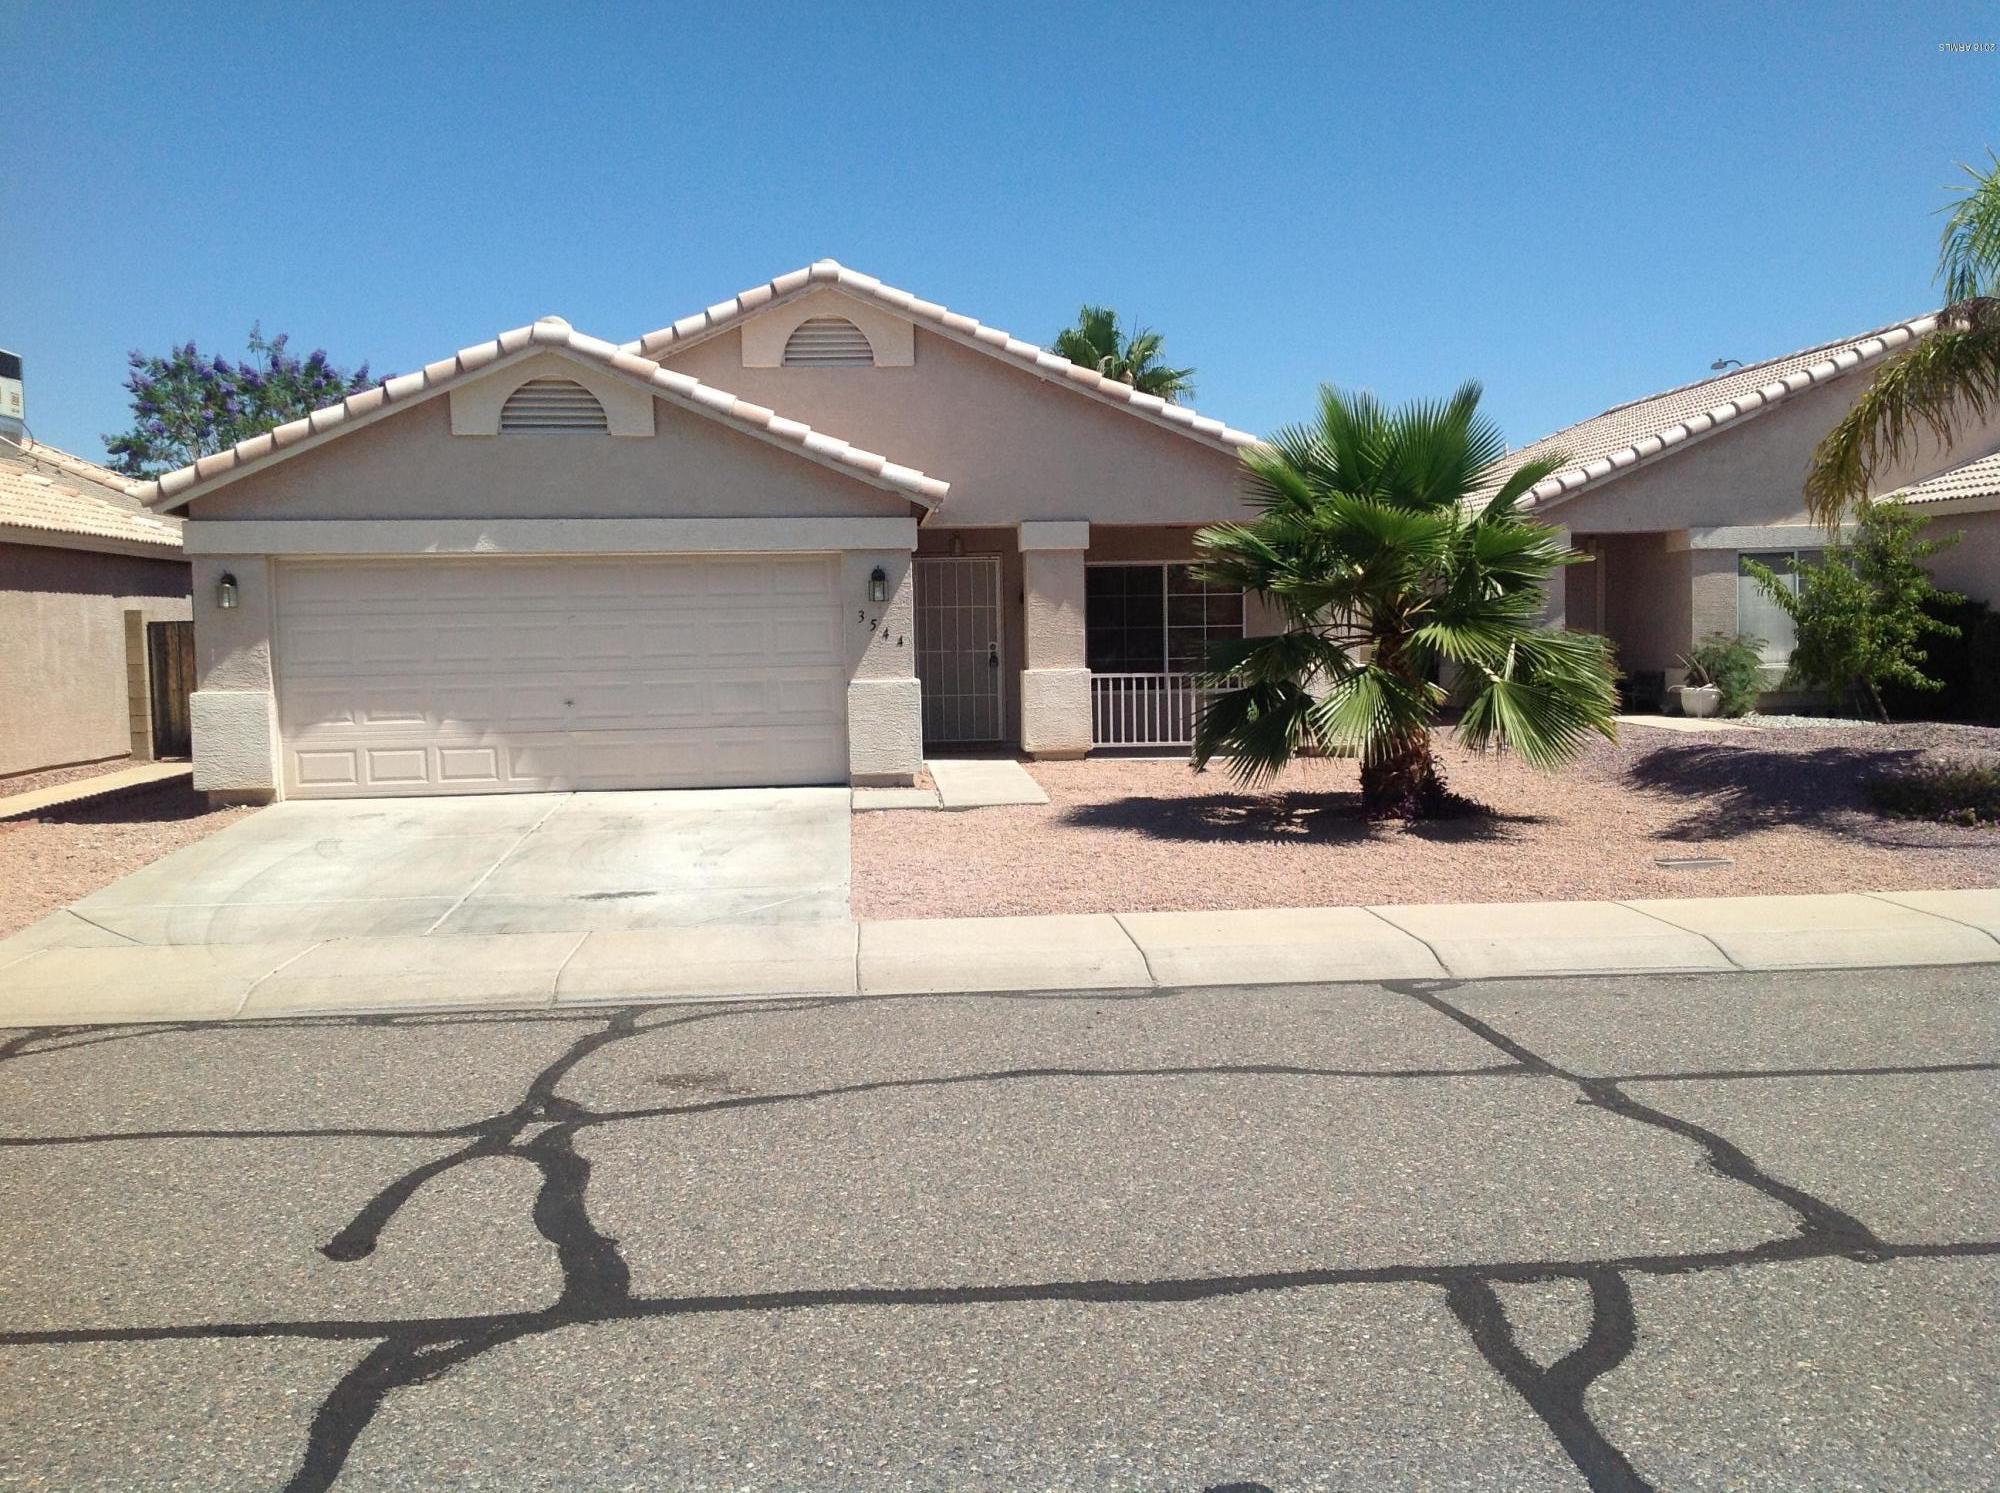 3544 W TINA Lane, Glendale, AZ 85310